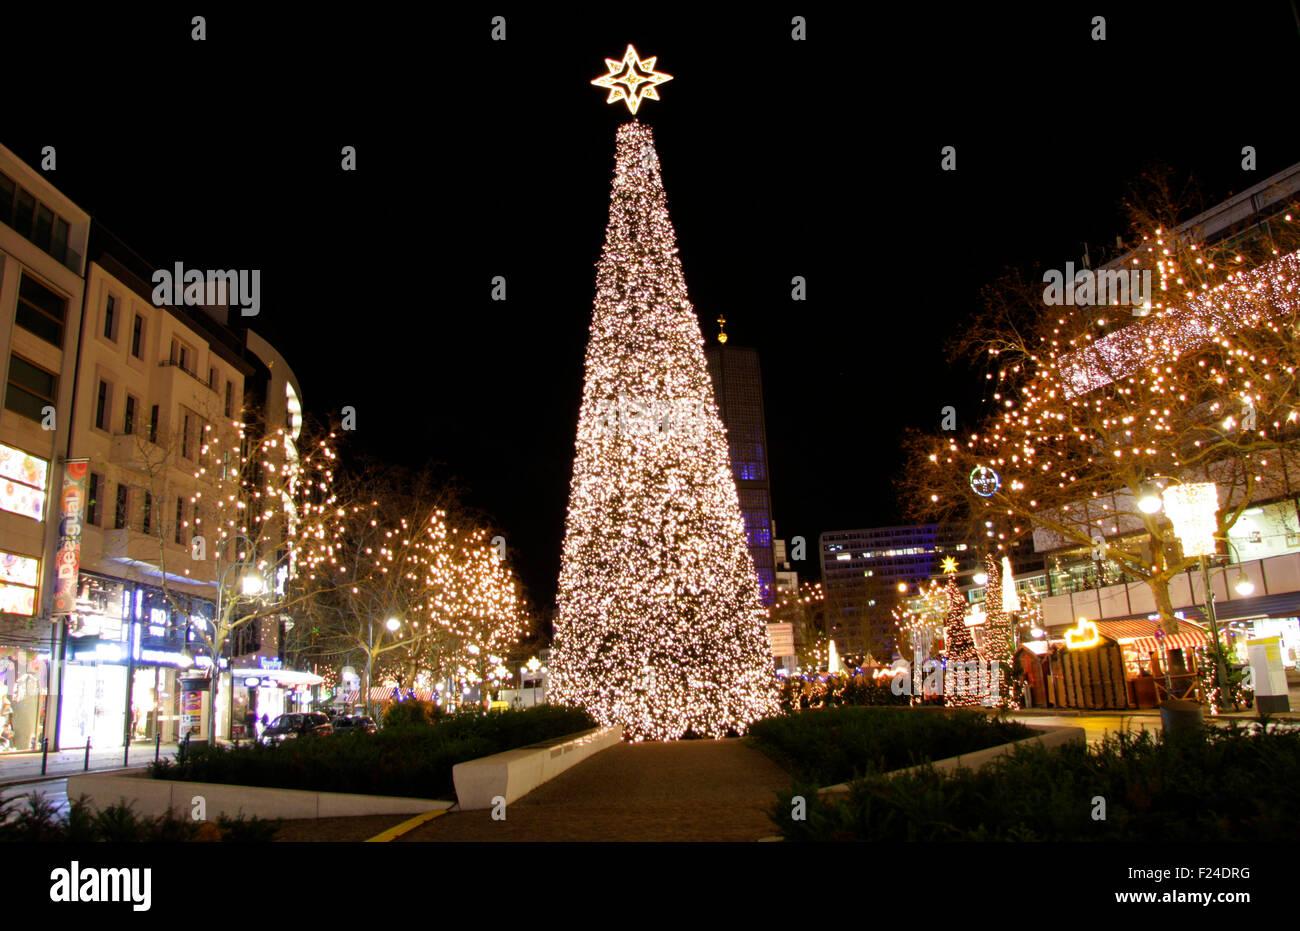 weihnachten in berlin weihnachtsbaum auf dem. Black Bedroom Furniture Sets. Home Design Ideas